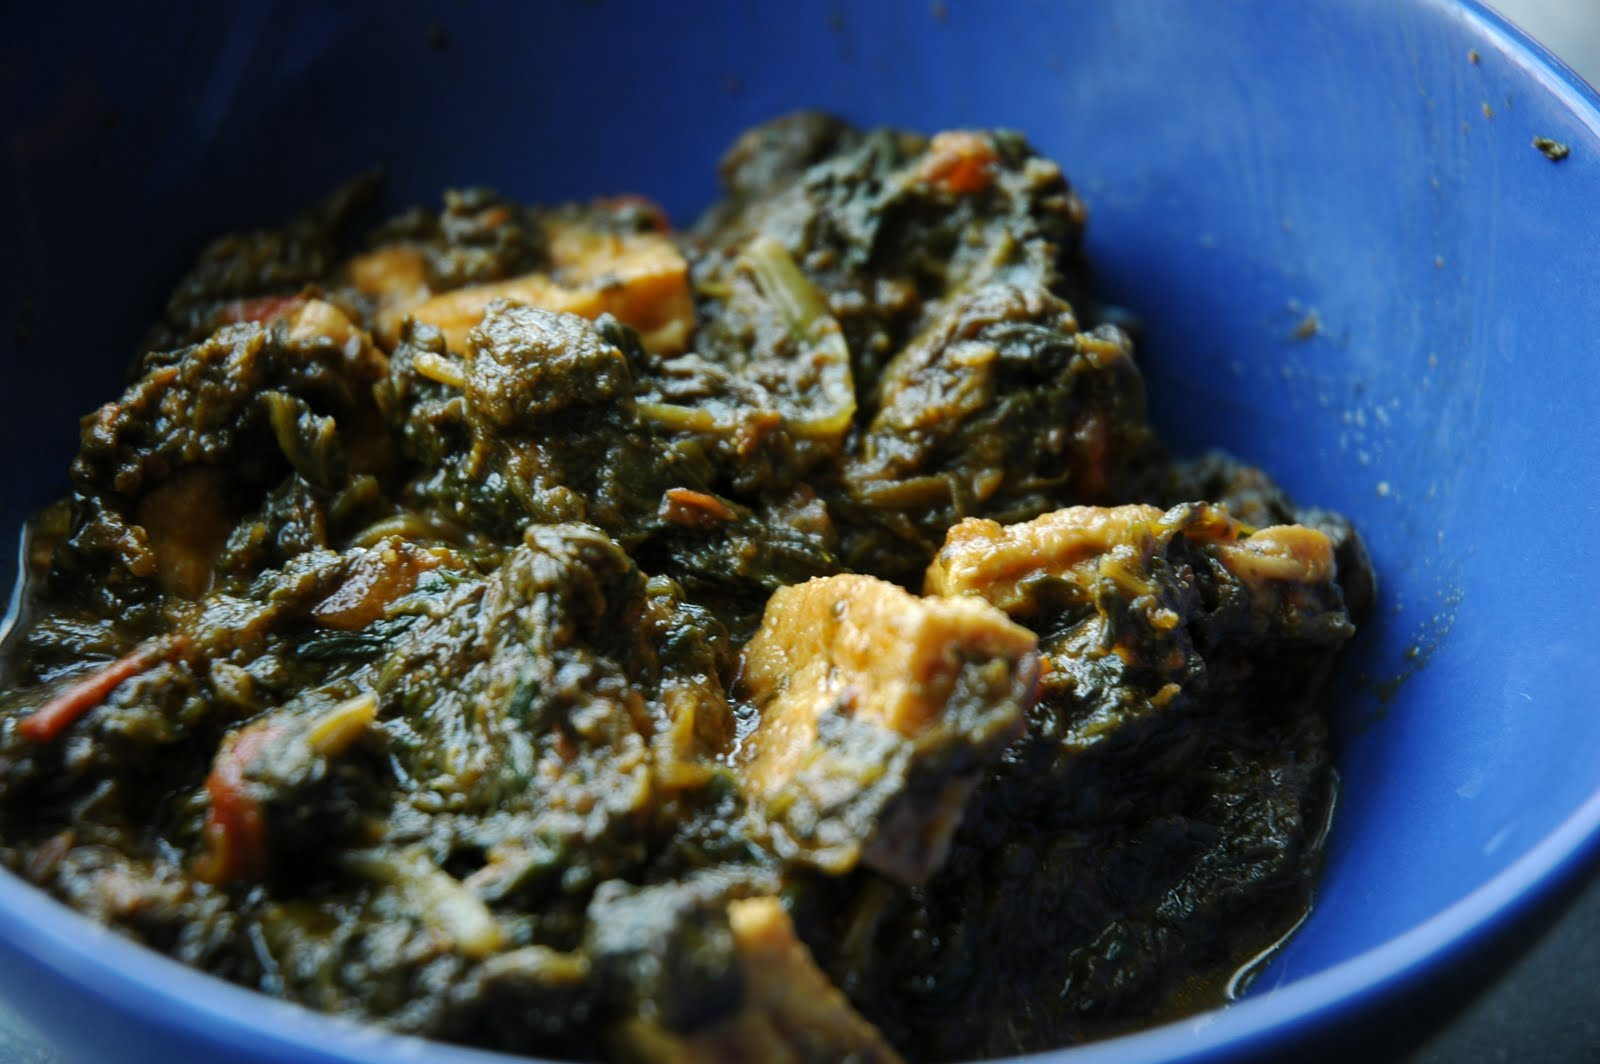 Saag Tofu and Onion Garlic Naan